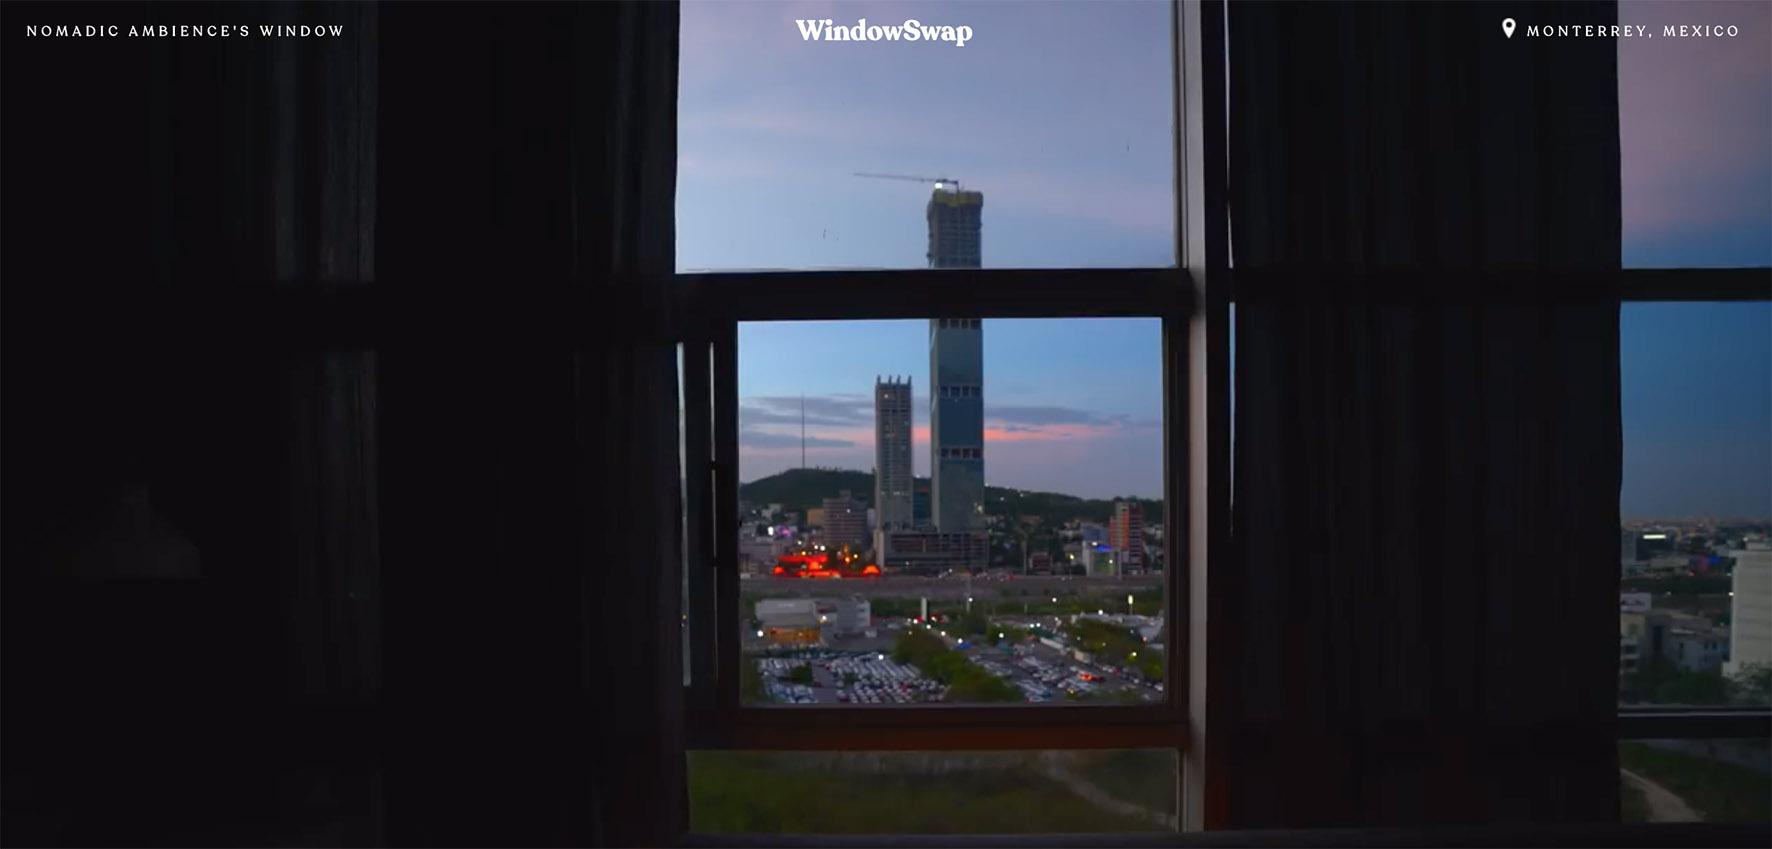 Op deze foto zie je een window in Mexico